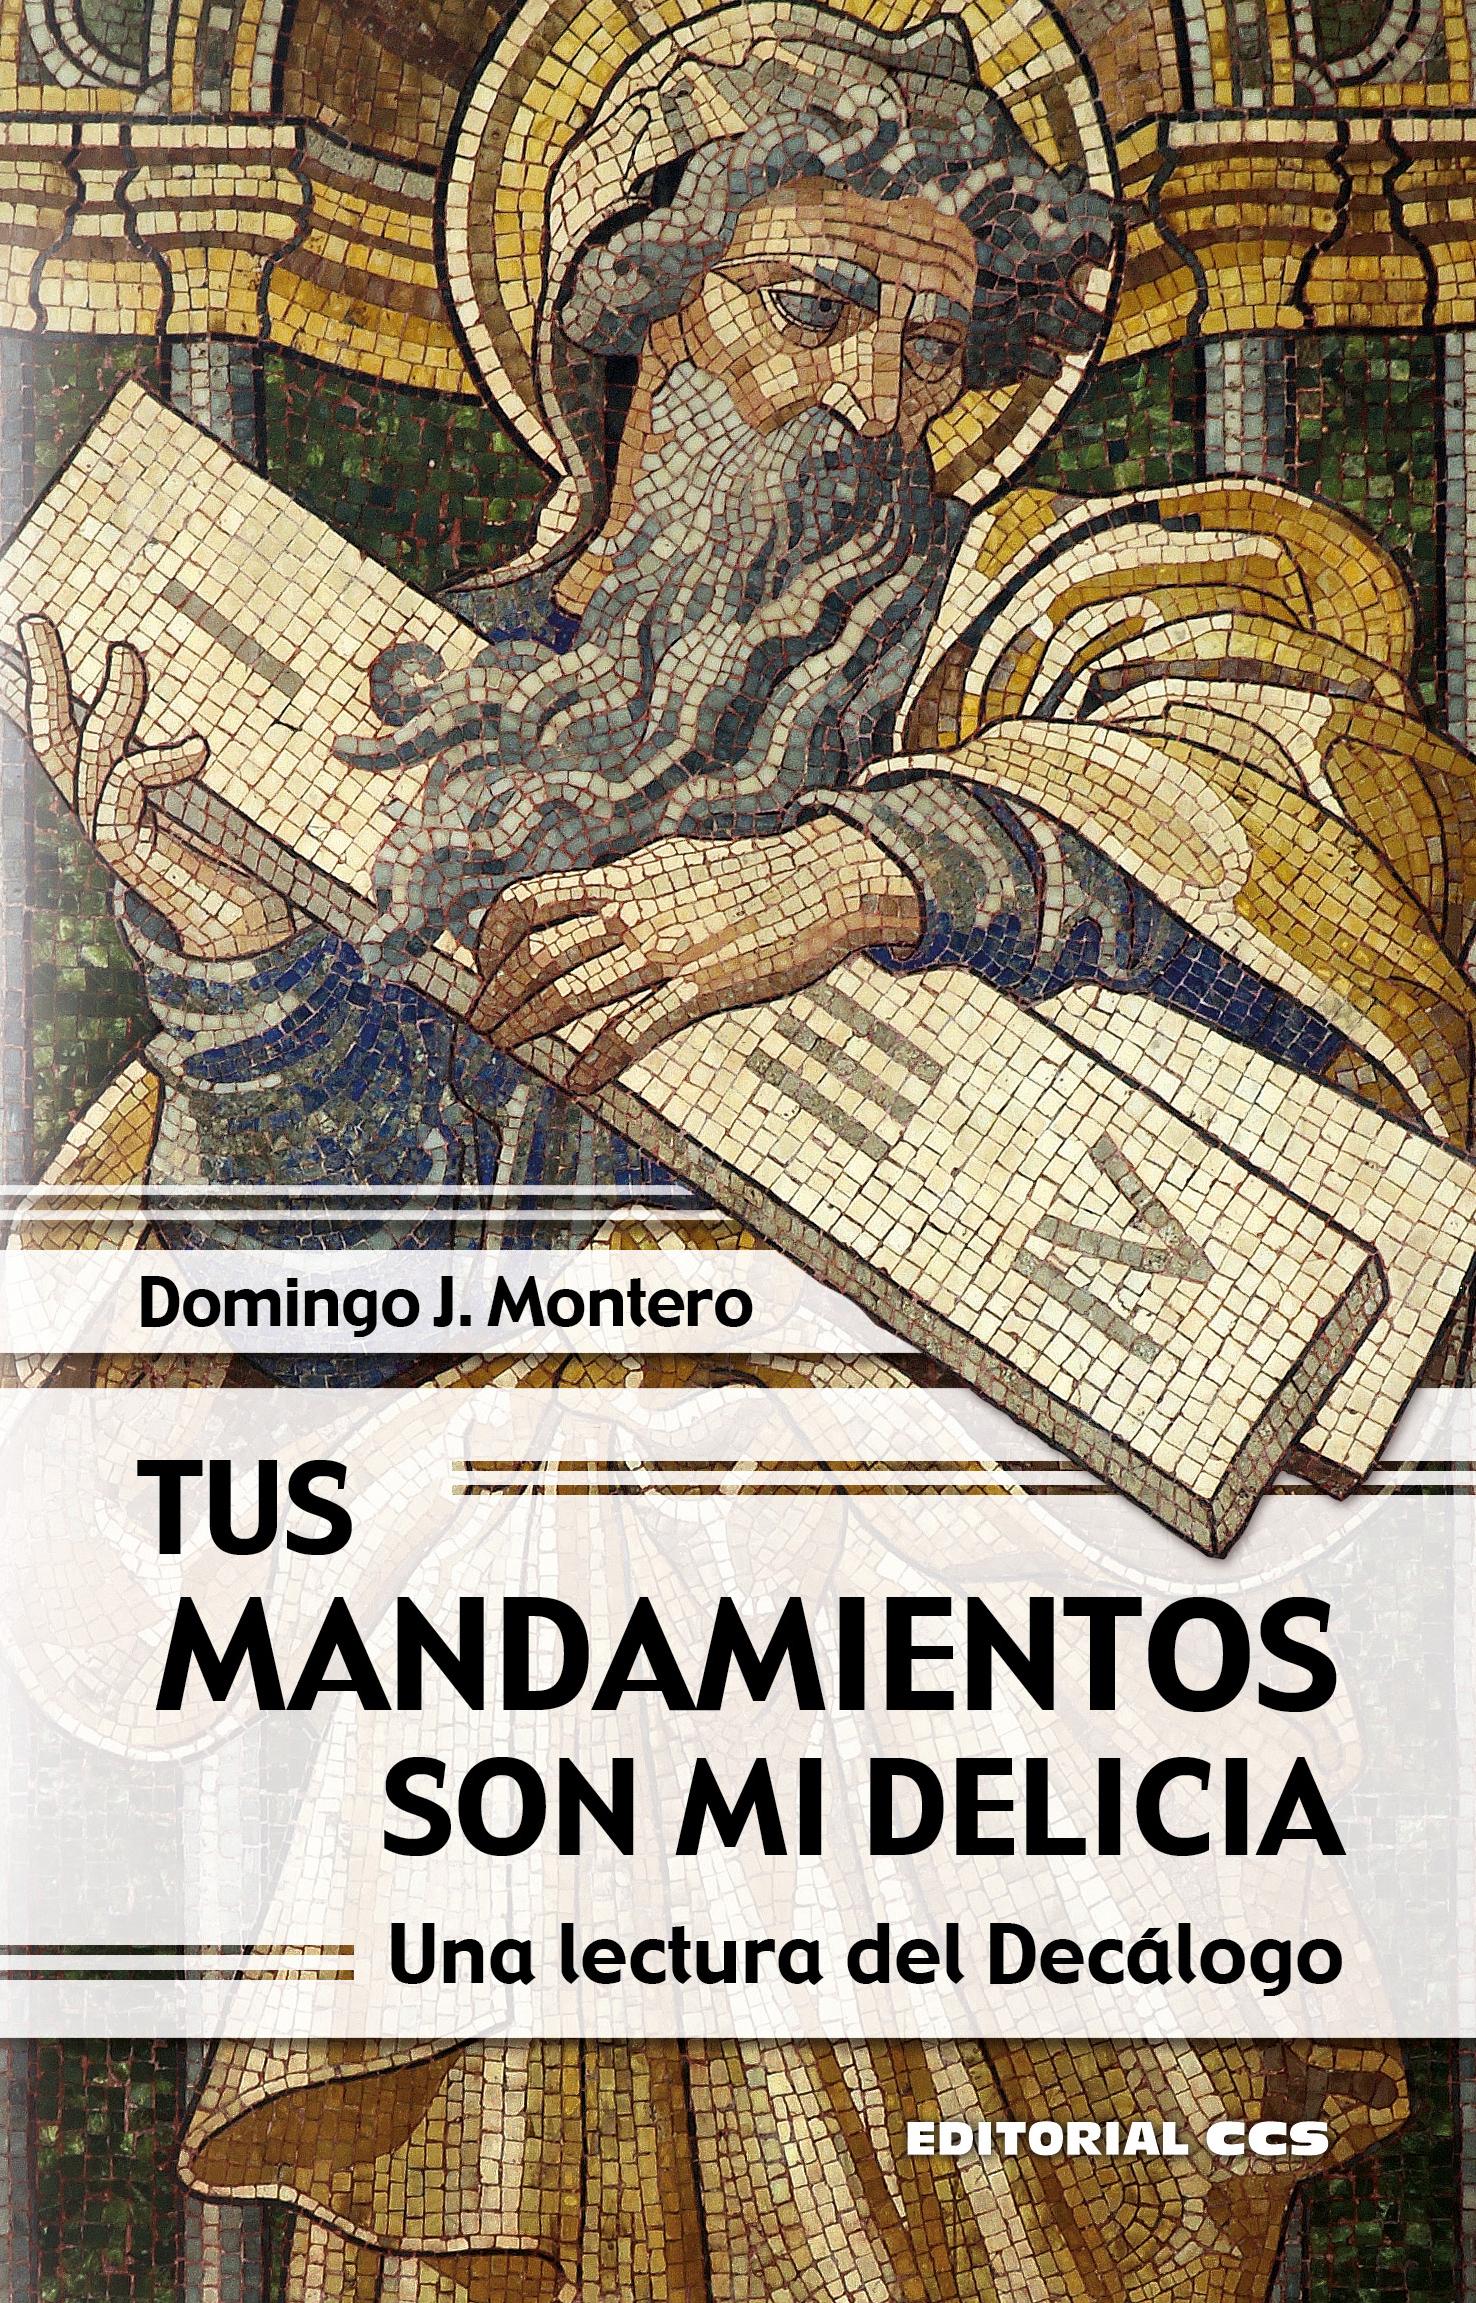 Tus mandamientos son mi delicia «Una lectura del Decálogo»